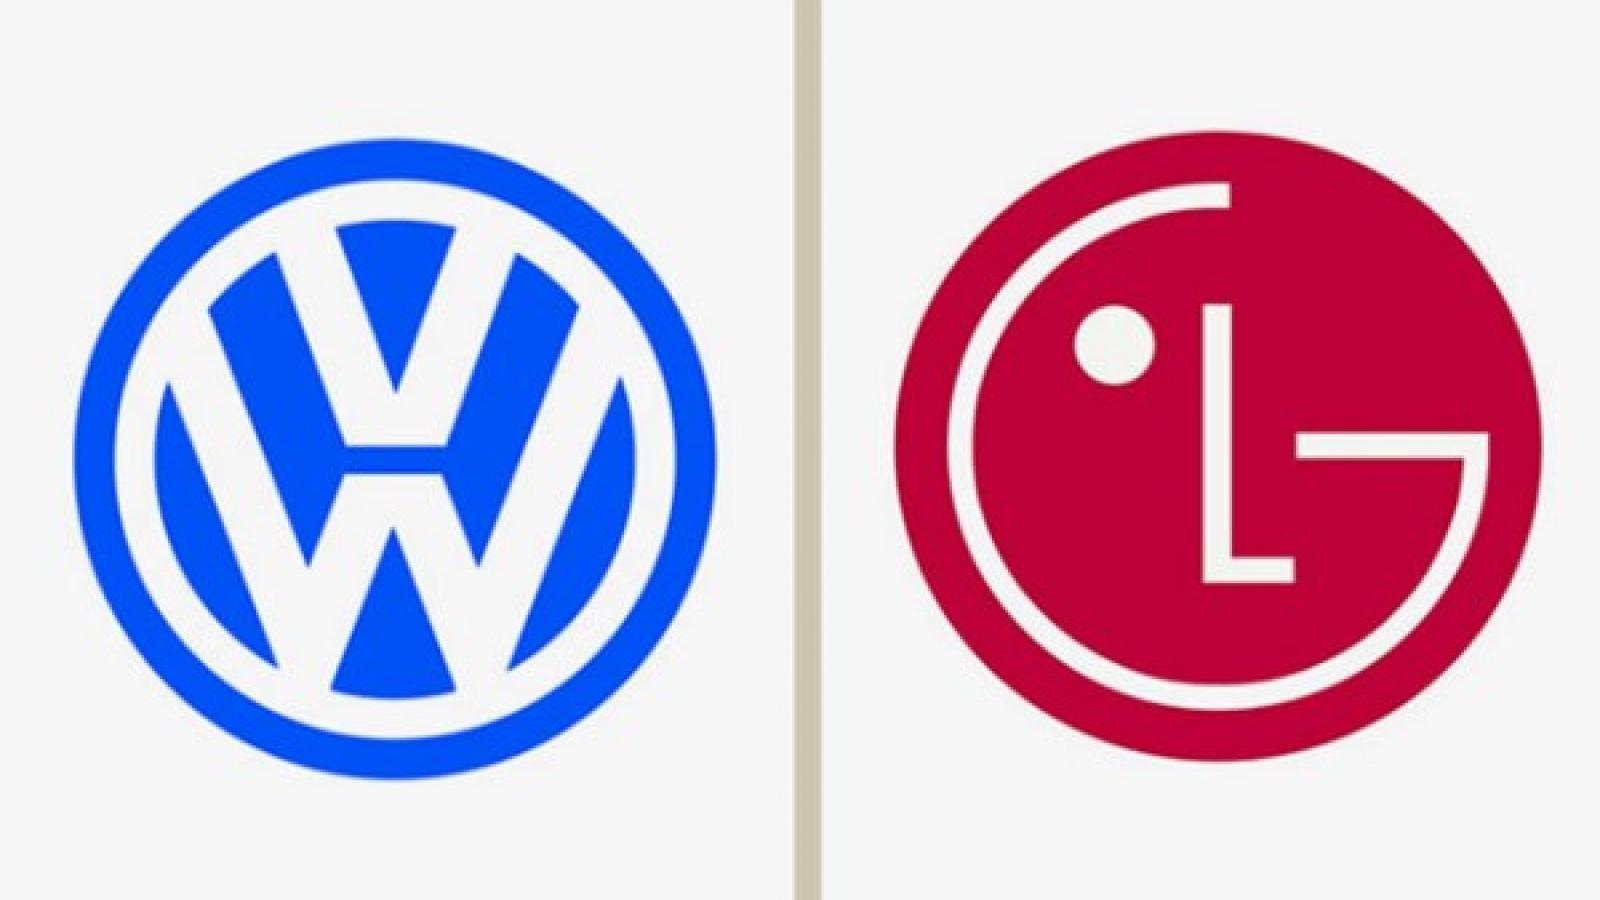 همکاری فولکسواگن و ال جی برای همگام سازی خانه و خودرو - اجاره خودرو طباطبایی